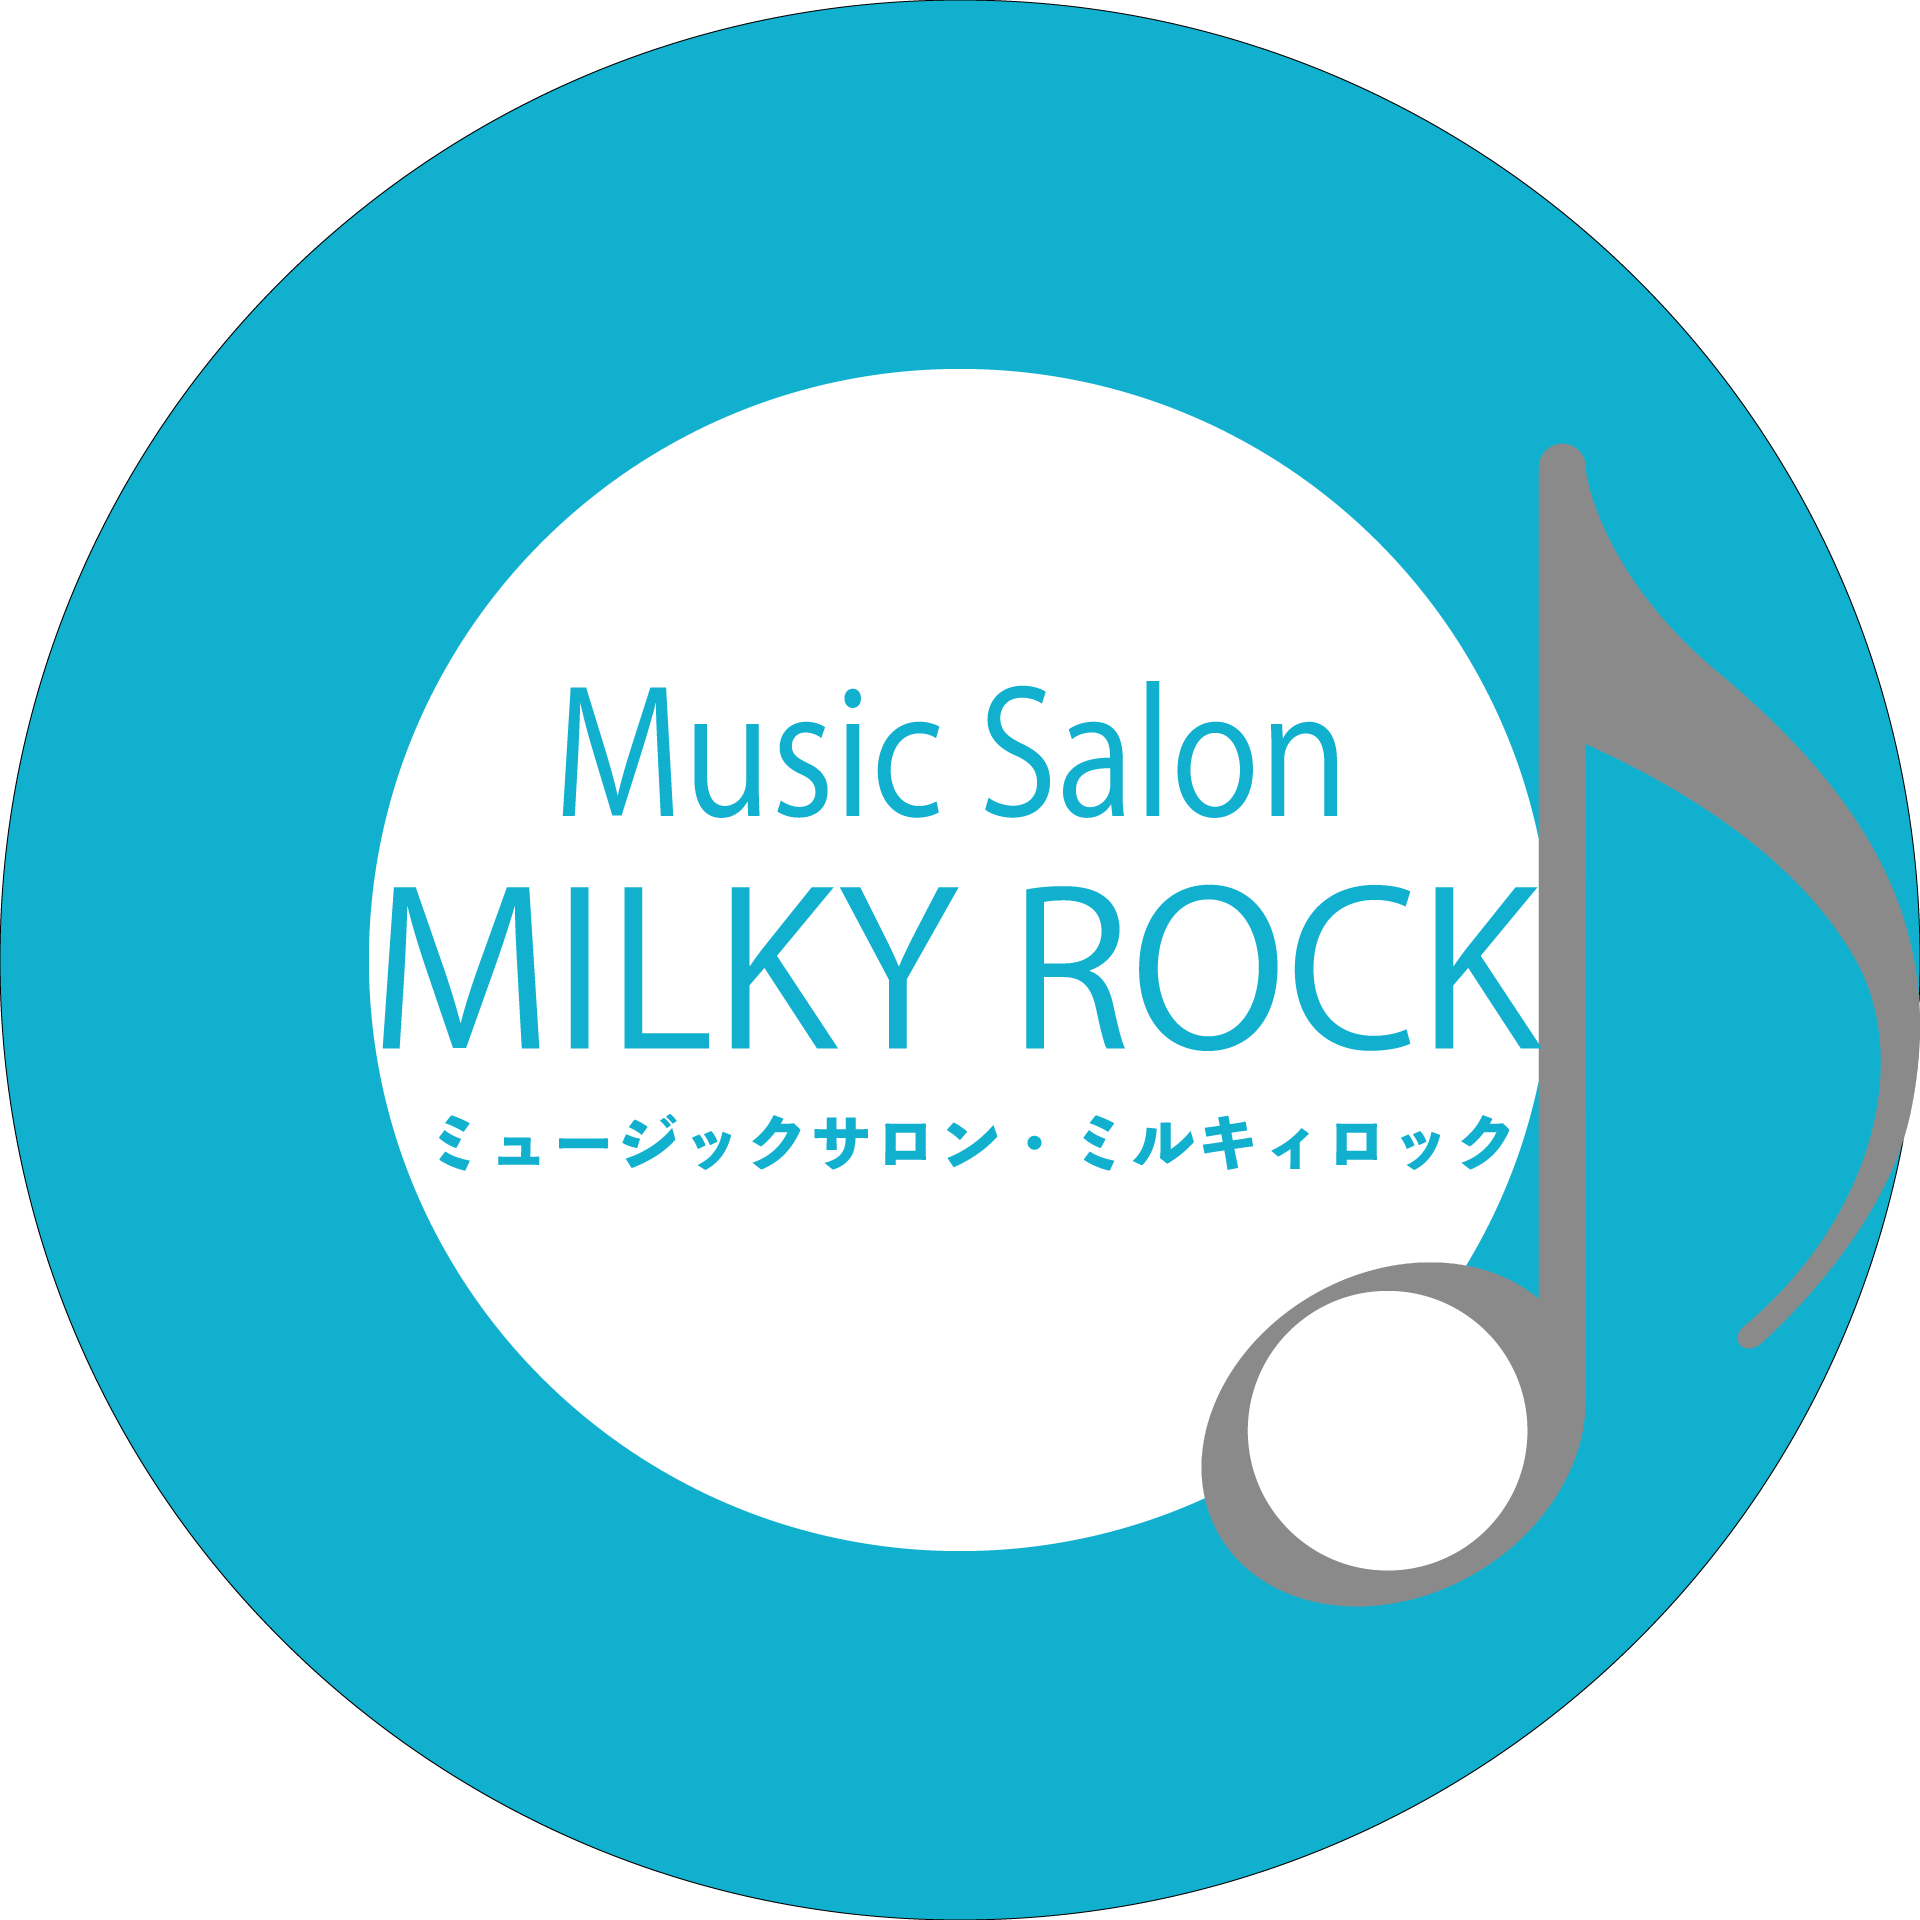 ミュージックサロン ミルキィロック